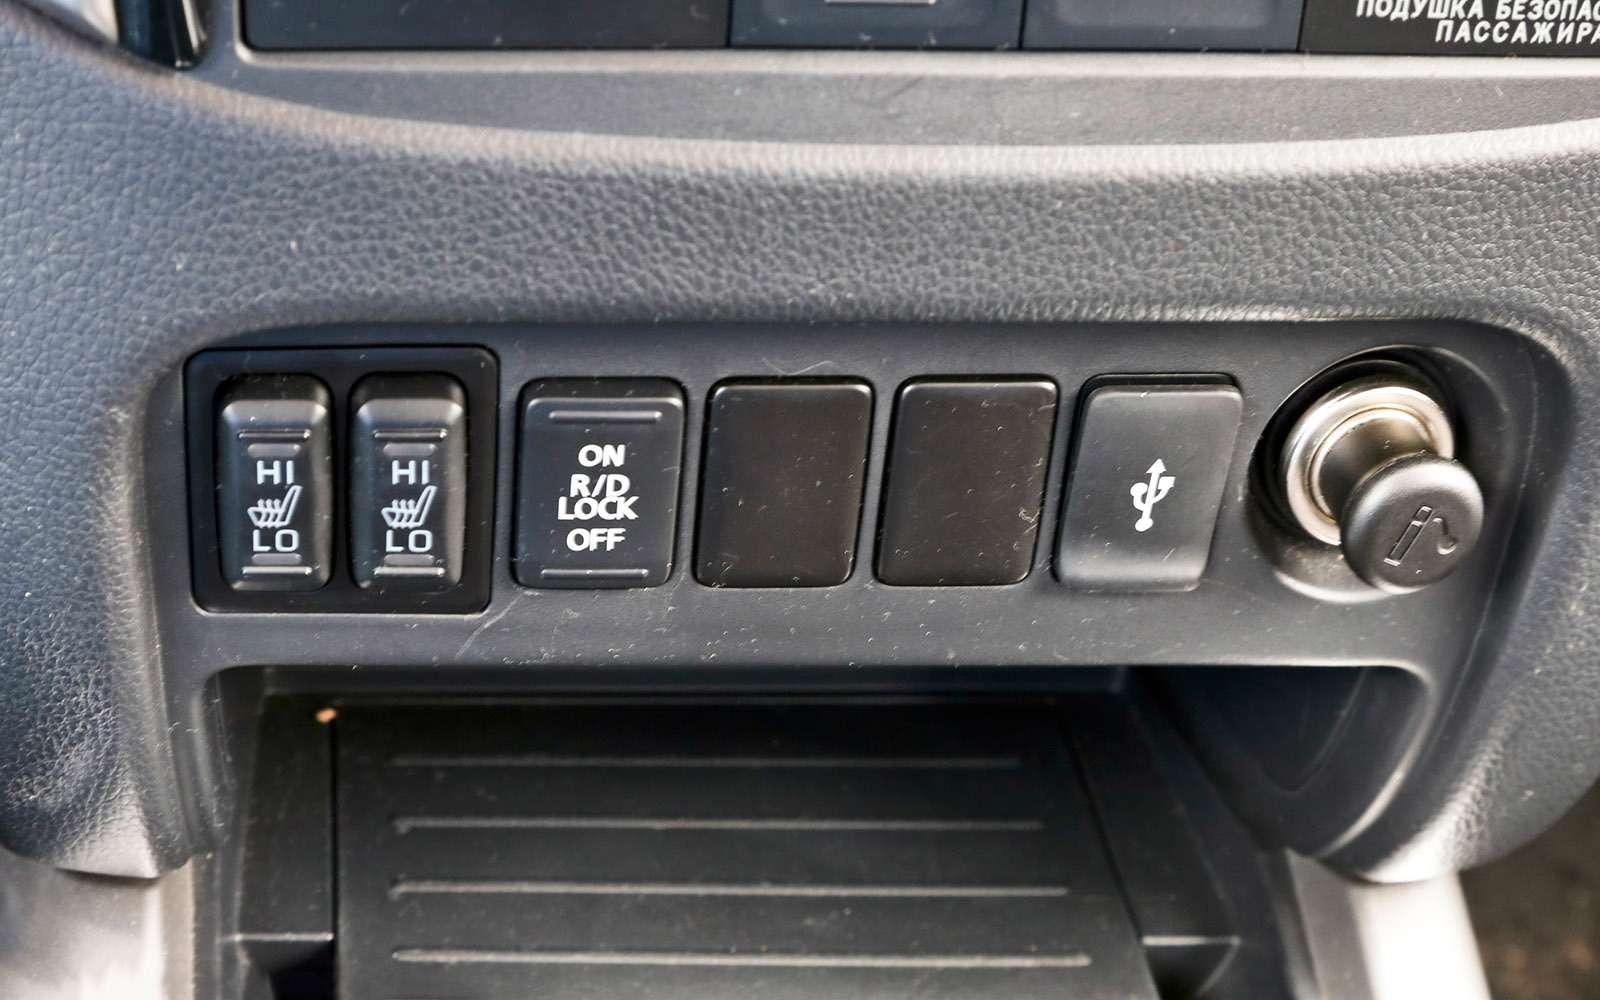 Пикапы Isuzu D-Max, Mitsubishi L200и Toyota Hilux: на«обортаж»!— фото 698454